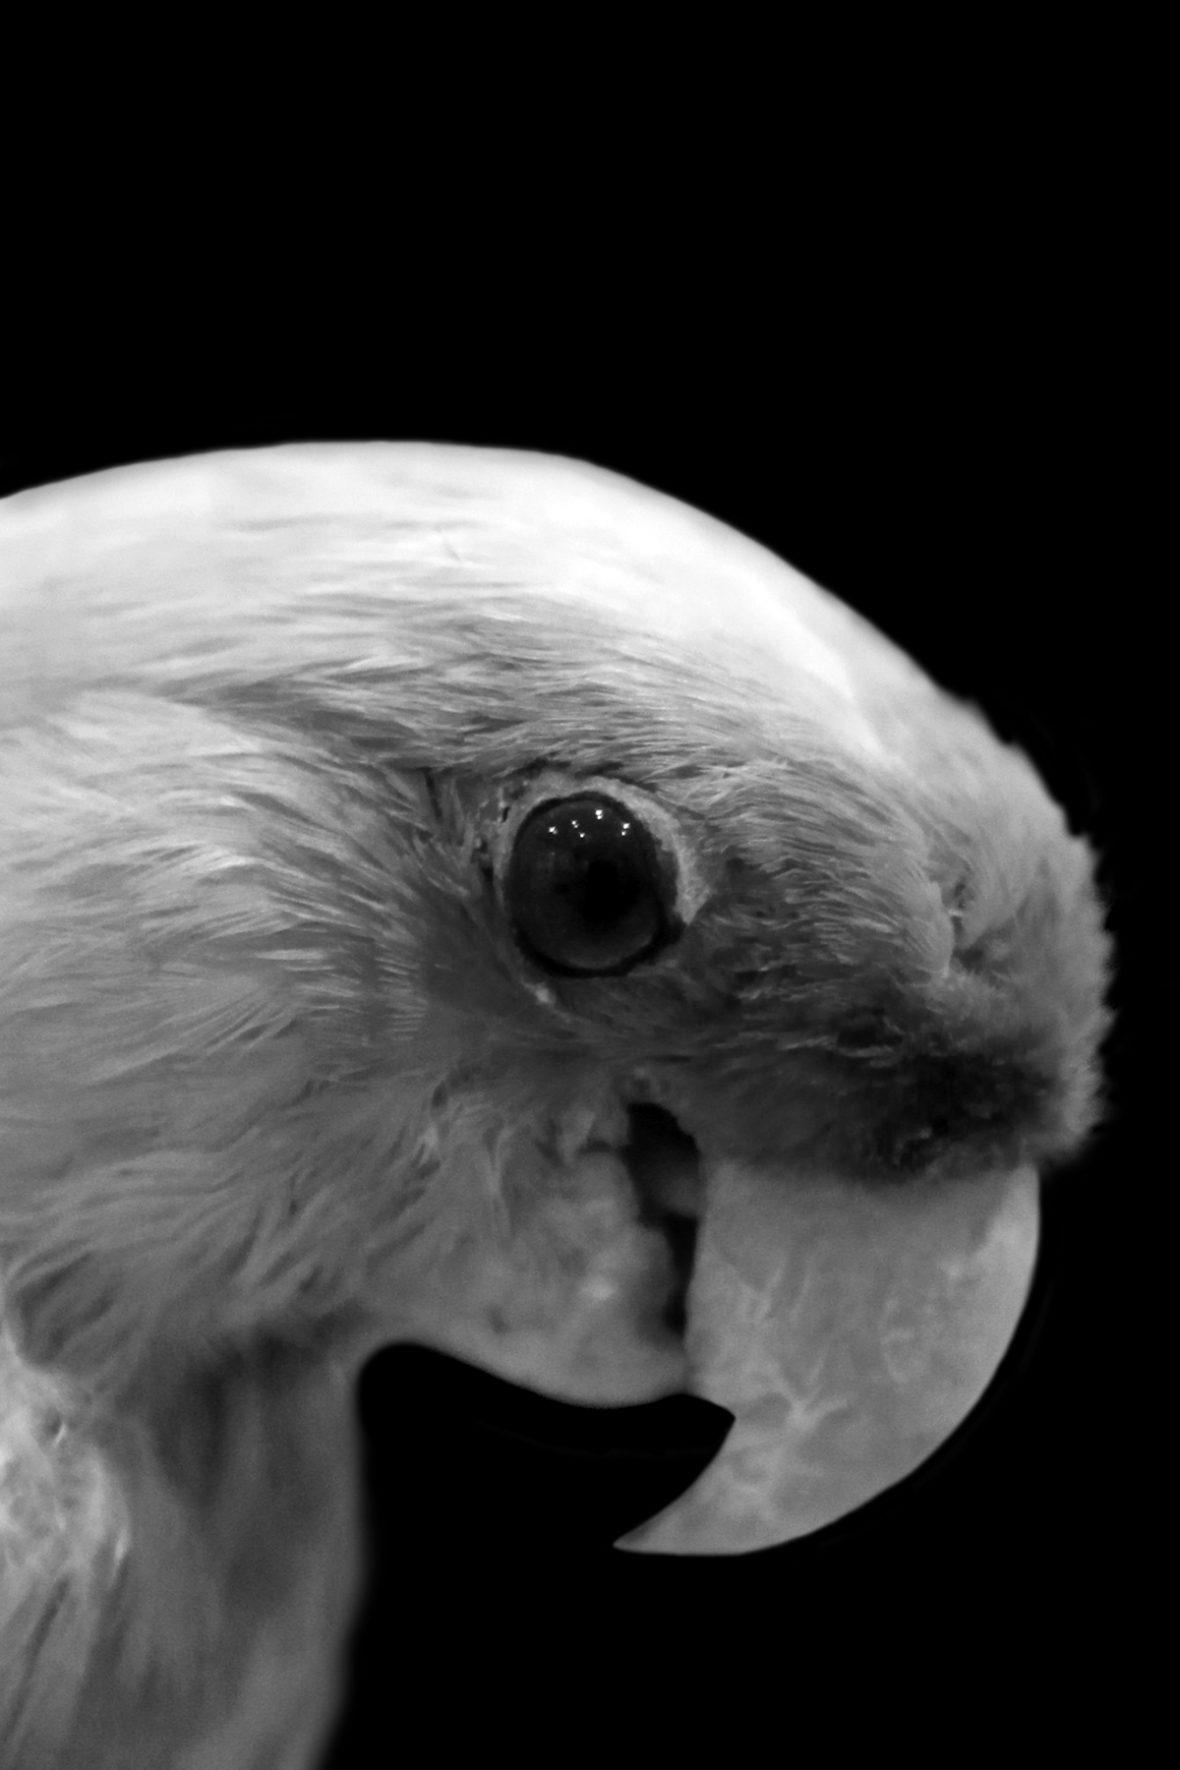 Einst trat der Karolinasittich, eine nordamerikanische Papageienart, massenhaft in Schwärmen auf. Der letzte Karolinasittich starb 1918 im Zoo von Cincinnati, kurz nach dem Tod seiner Partnerin, mit der er 30 Jahre zusammen lebte.